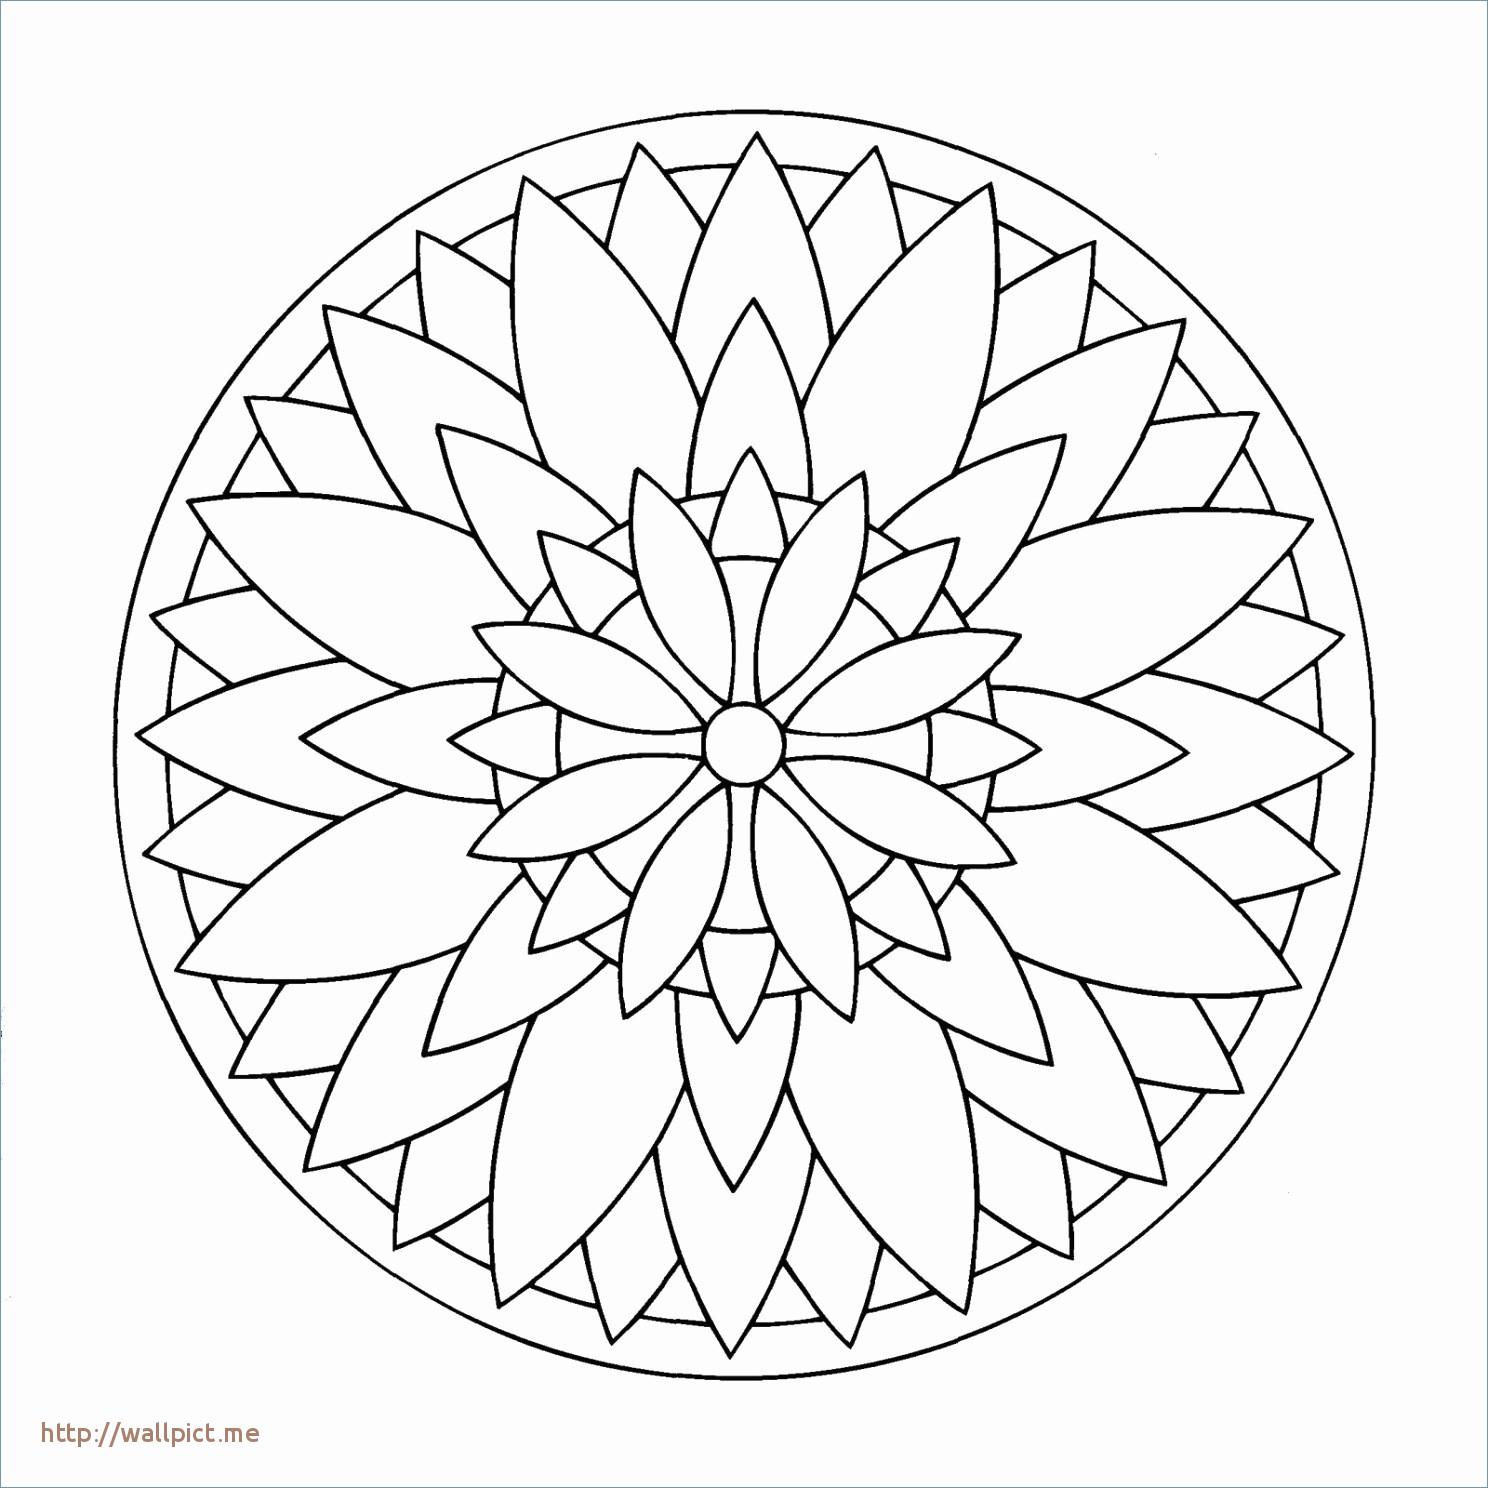 Best Of Coloriage De Mandala A Colorier Sur L Ordinateur destiné Faire Coloriage Gratuit Sur Ordinateur